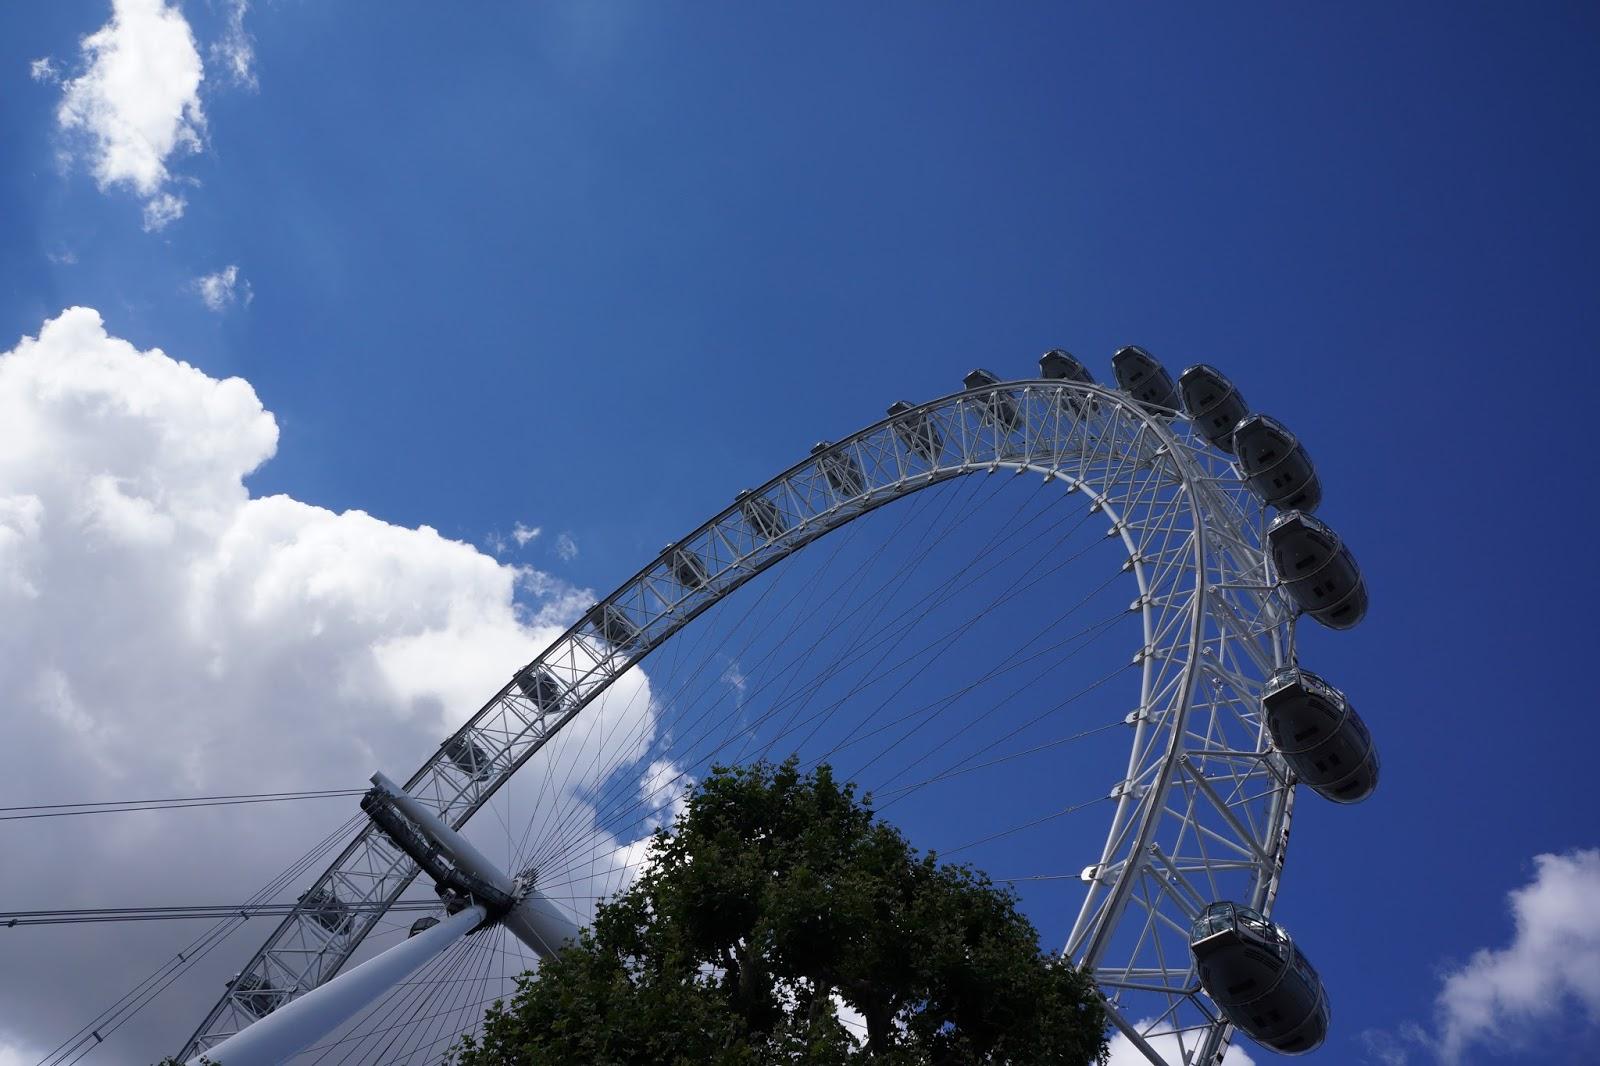 london eye seen from below